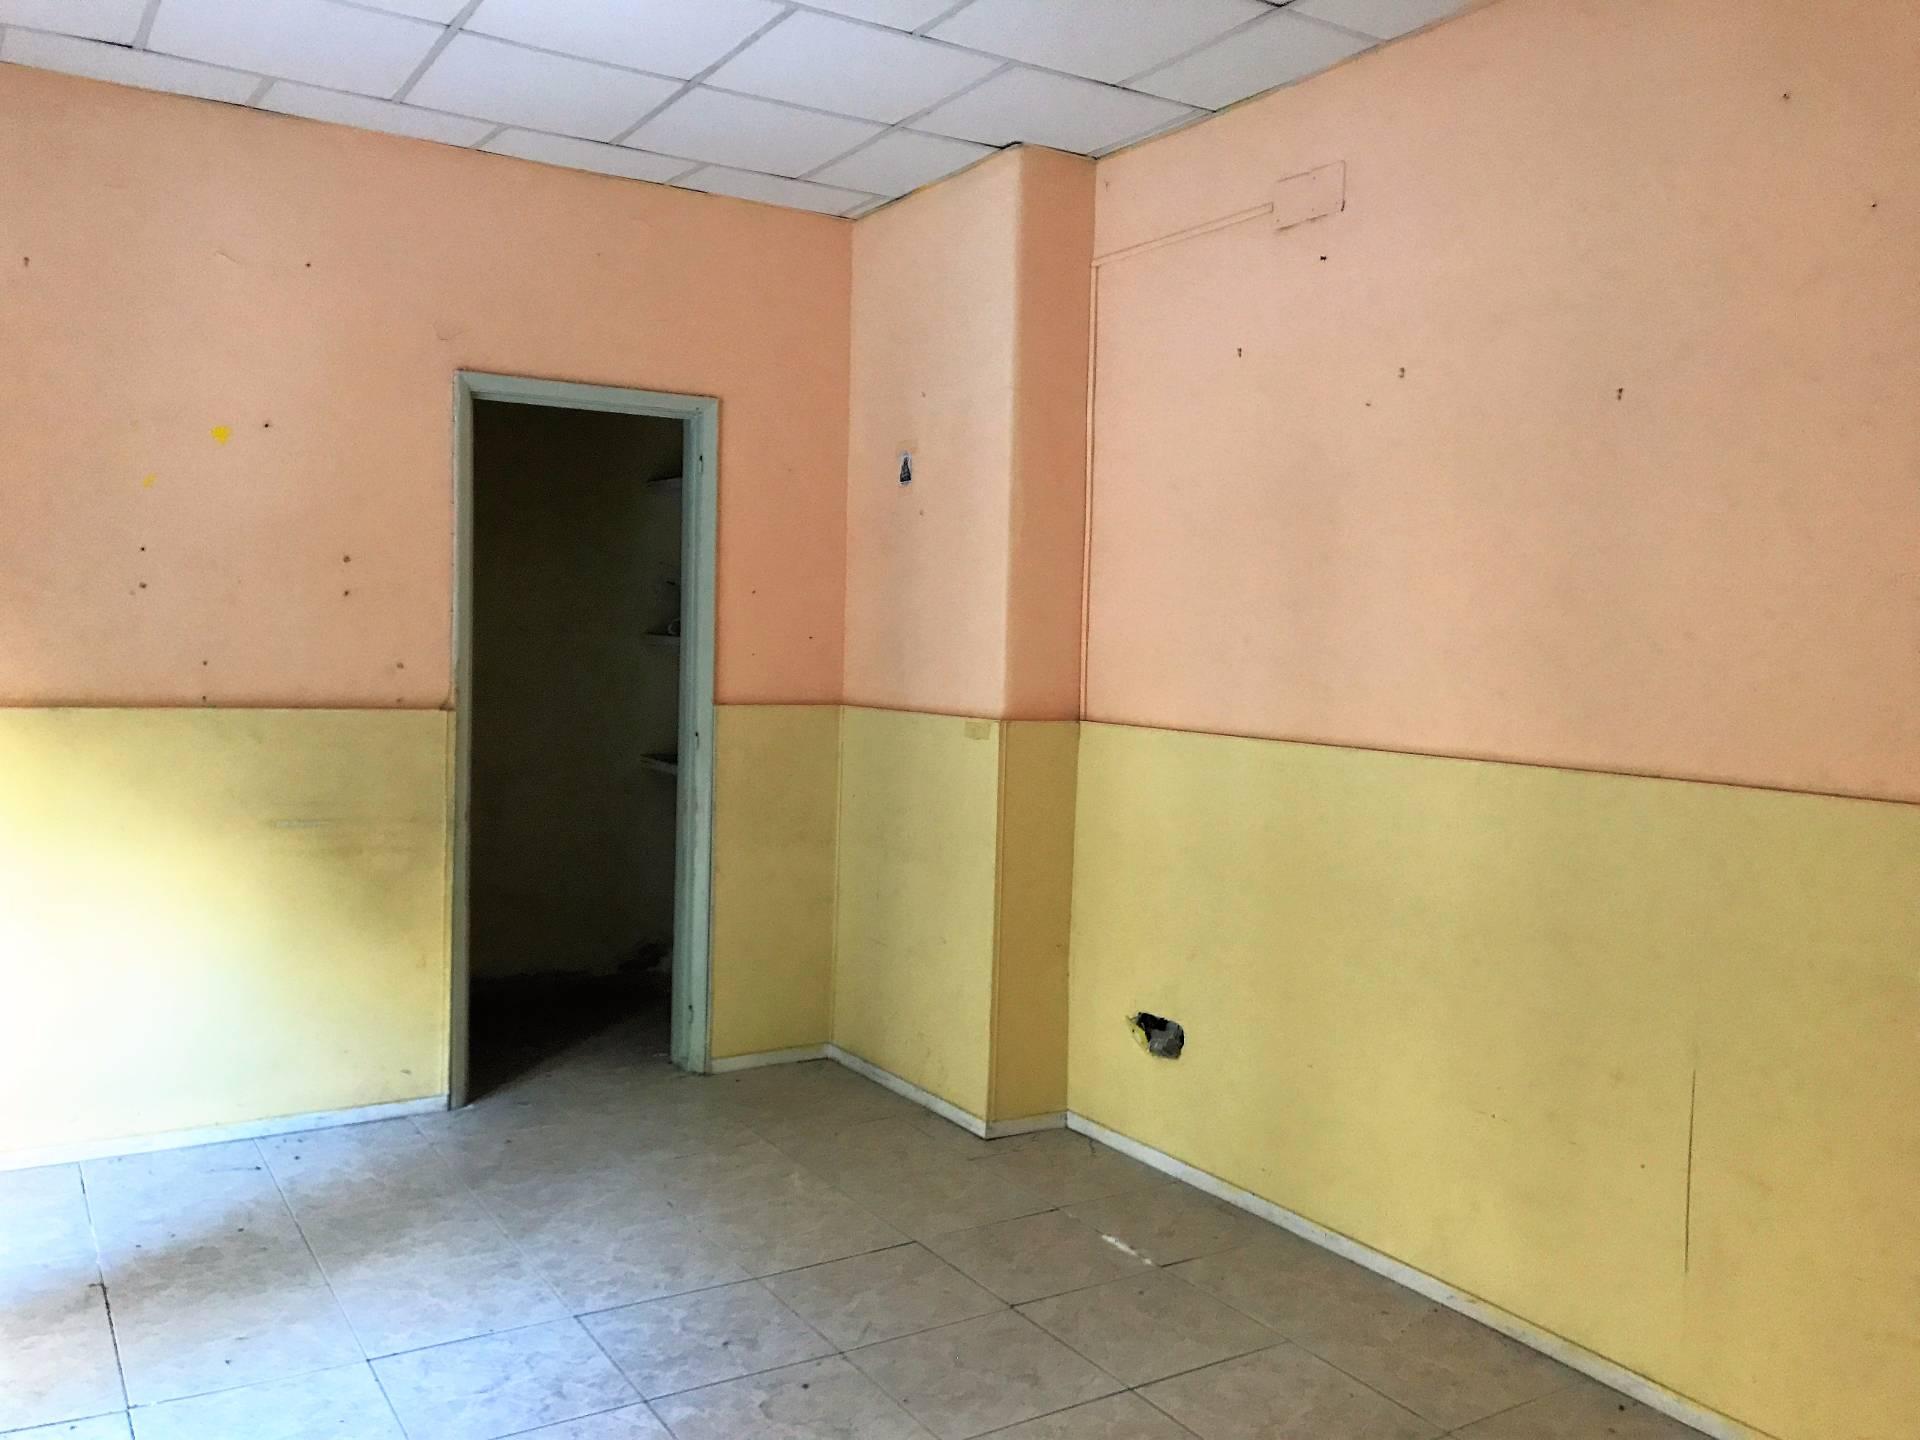 Negozio / Locale in affitto a Catania, 9999 locali, zona Località: PiazzaLanza, prezzo € 400   CambioCasa.it